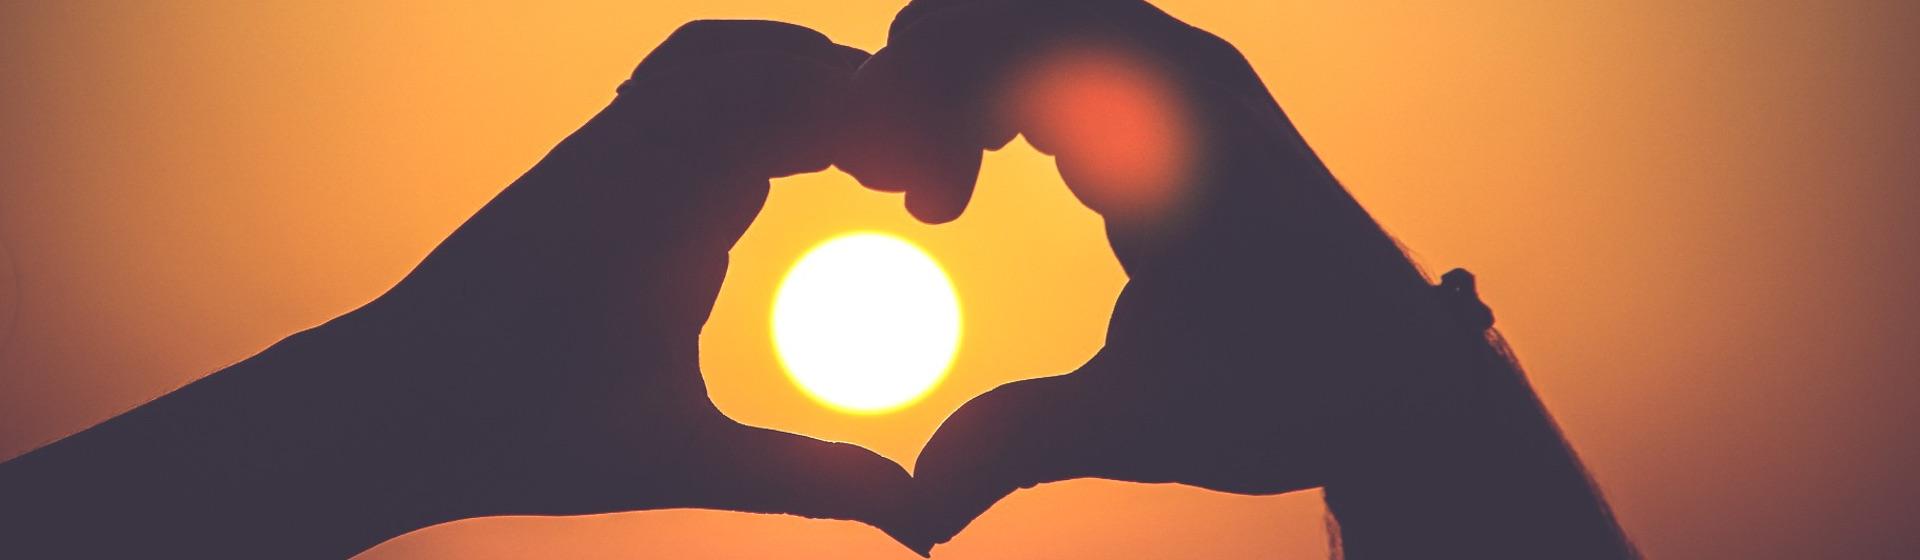 Heart Winning Valentine's Day Plans